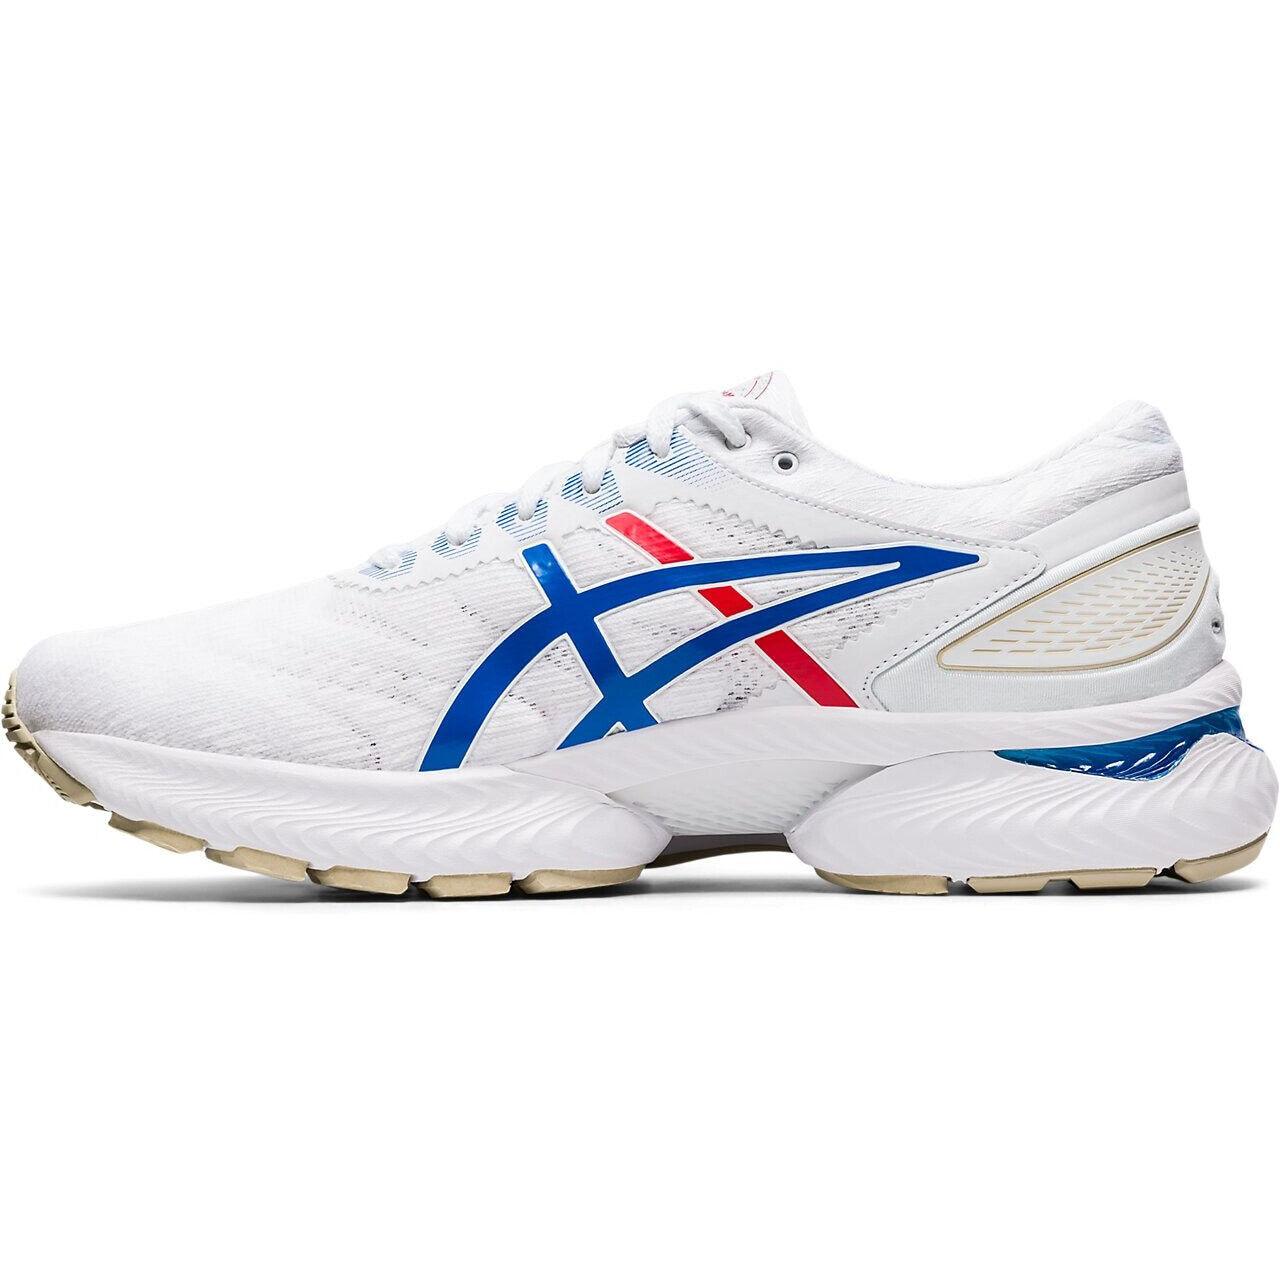 asics Gel Nimbus 22 Retro Tokyo Schuhe Herren whiteelectric blue